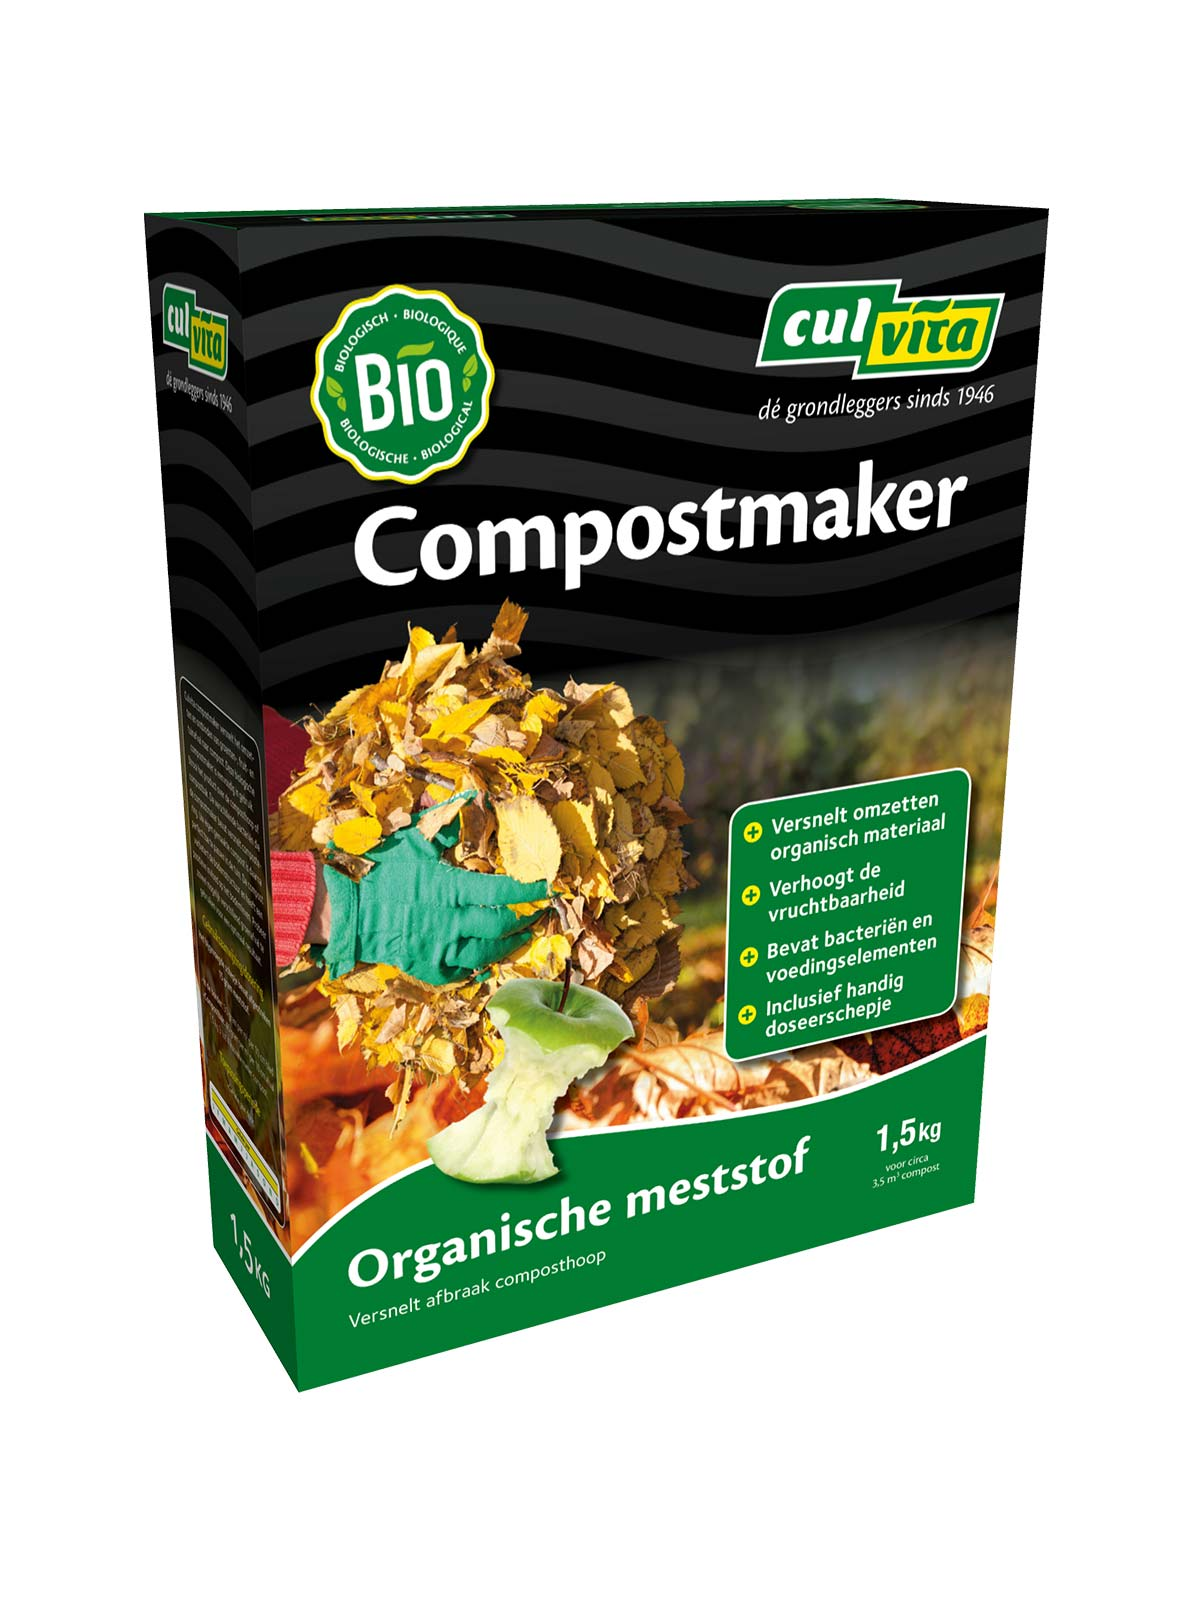 Culvita Compostmaker organische meststof